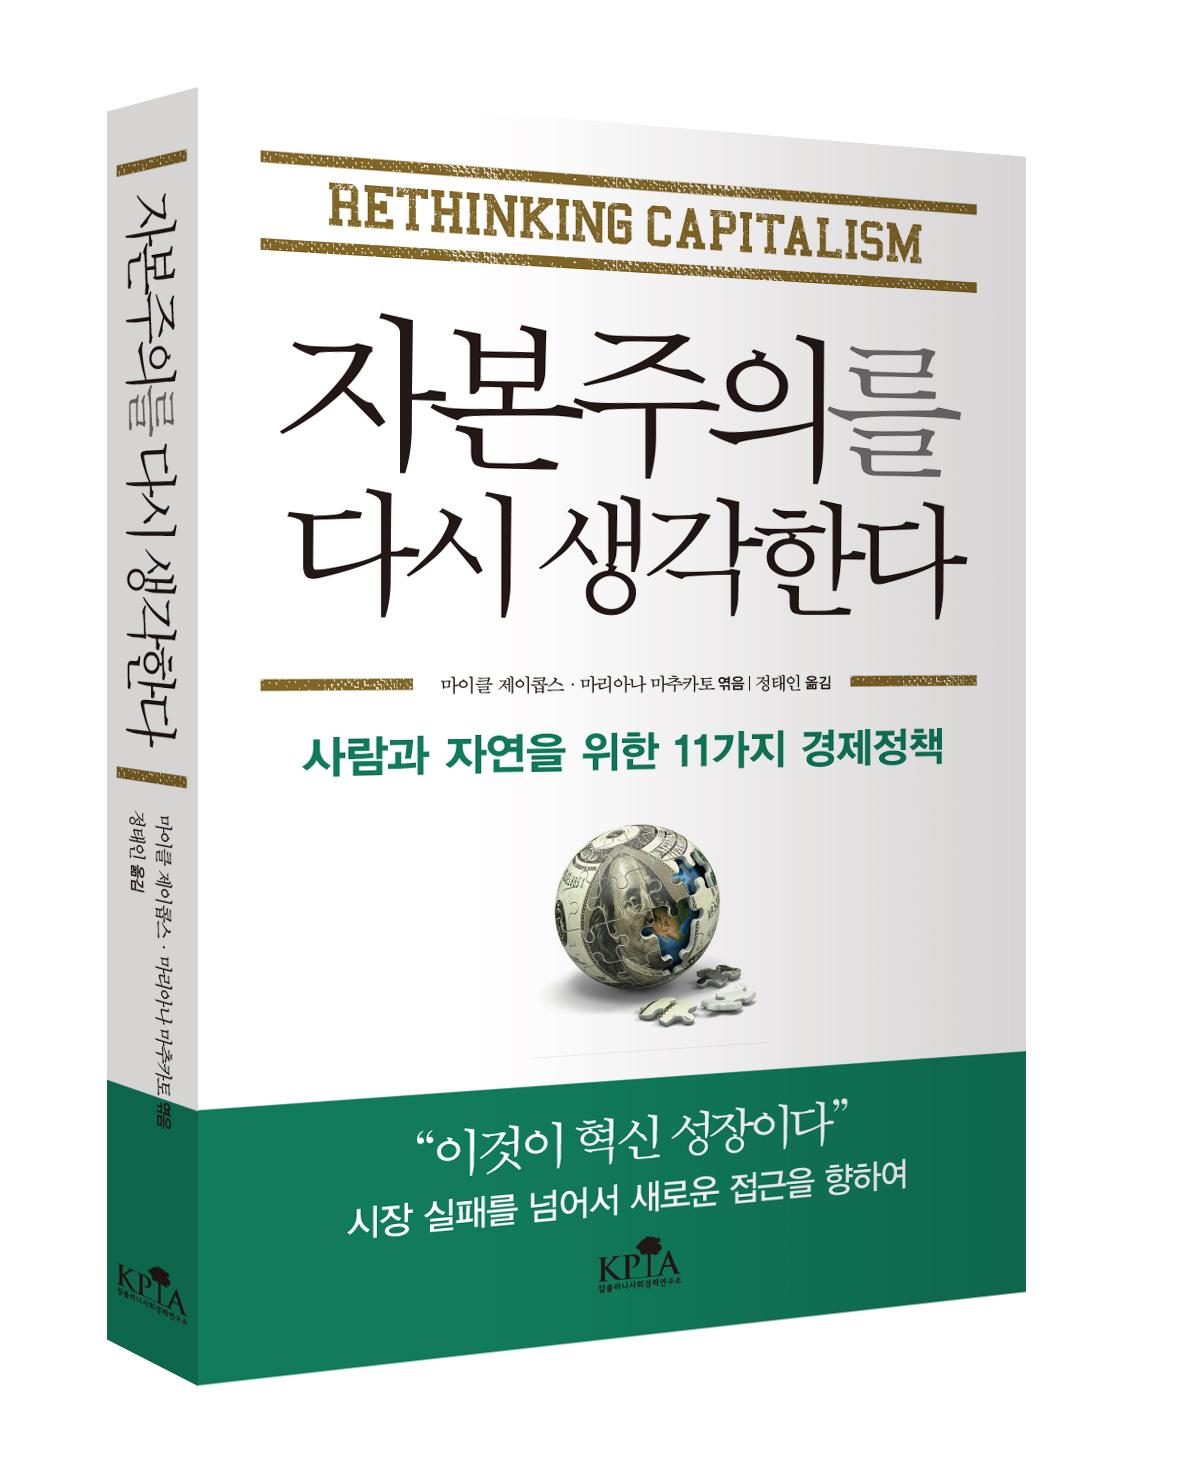 「자본주의를 다시 생각한다」